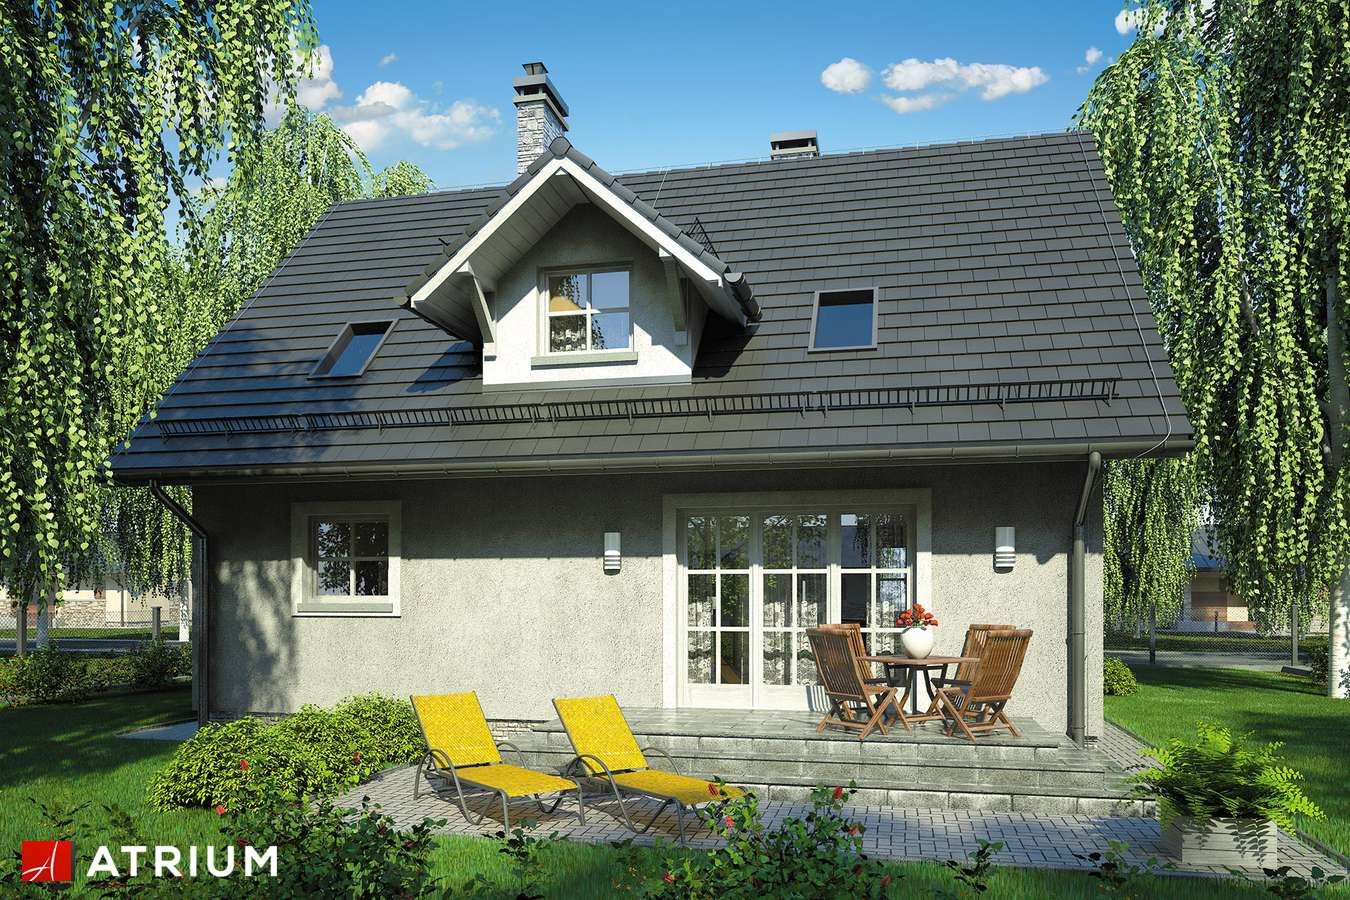 Projekty domów - Projekt domu z poddaszem COMPACT HOUSE - wizualizacja 2 - wersja lustrzana